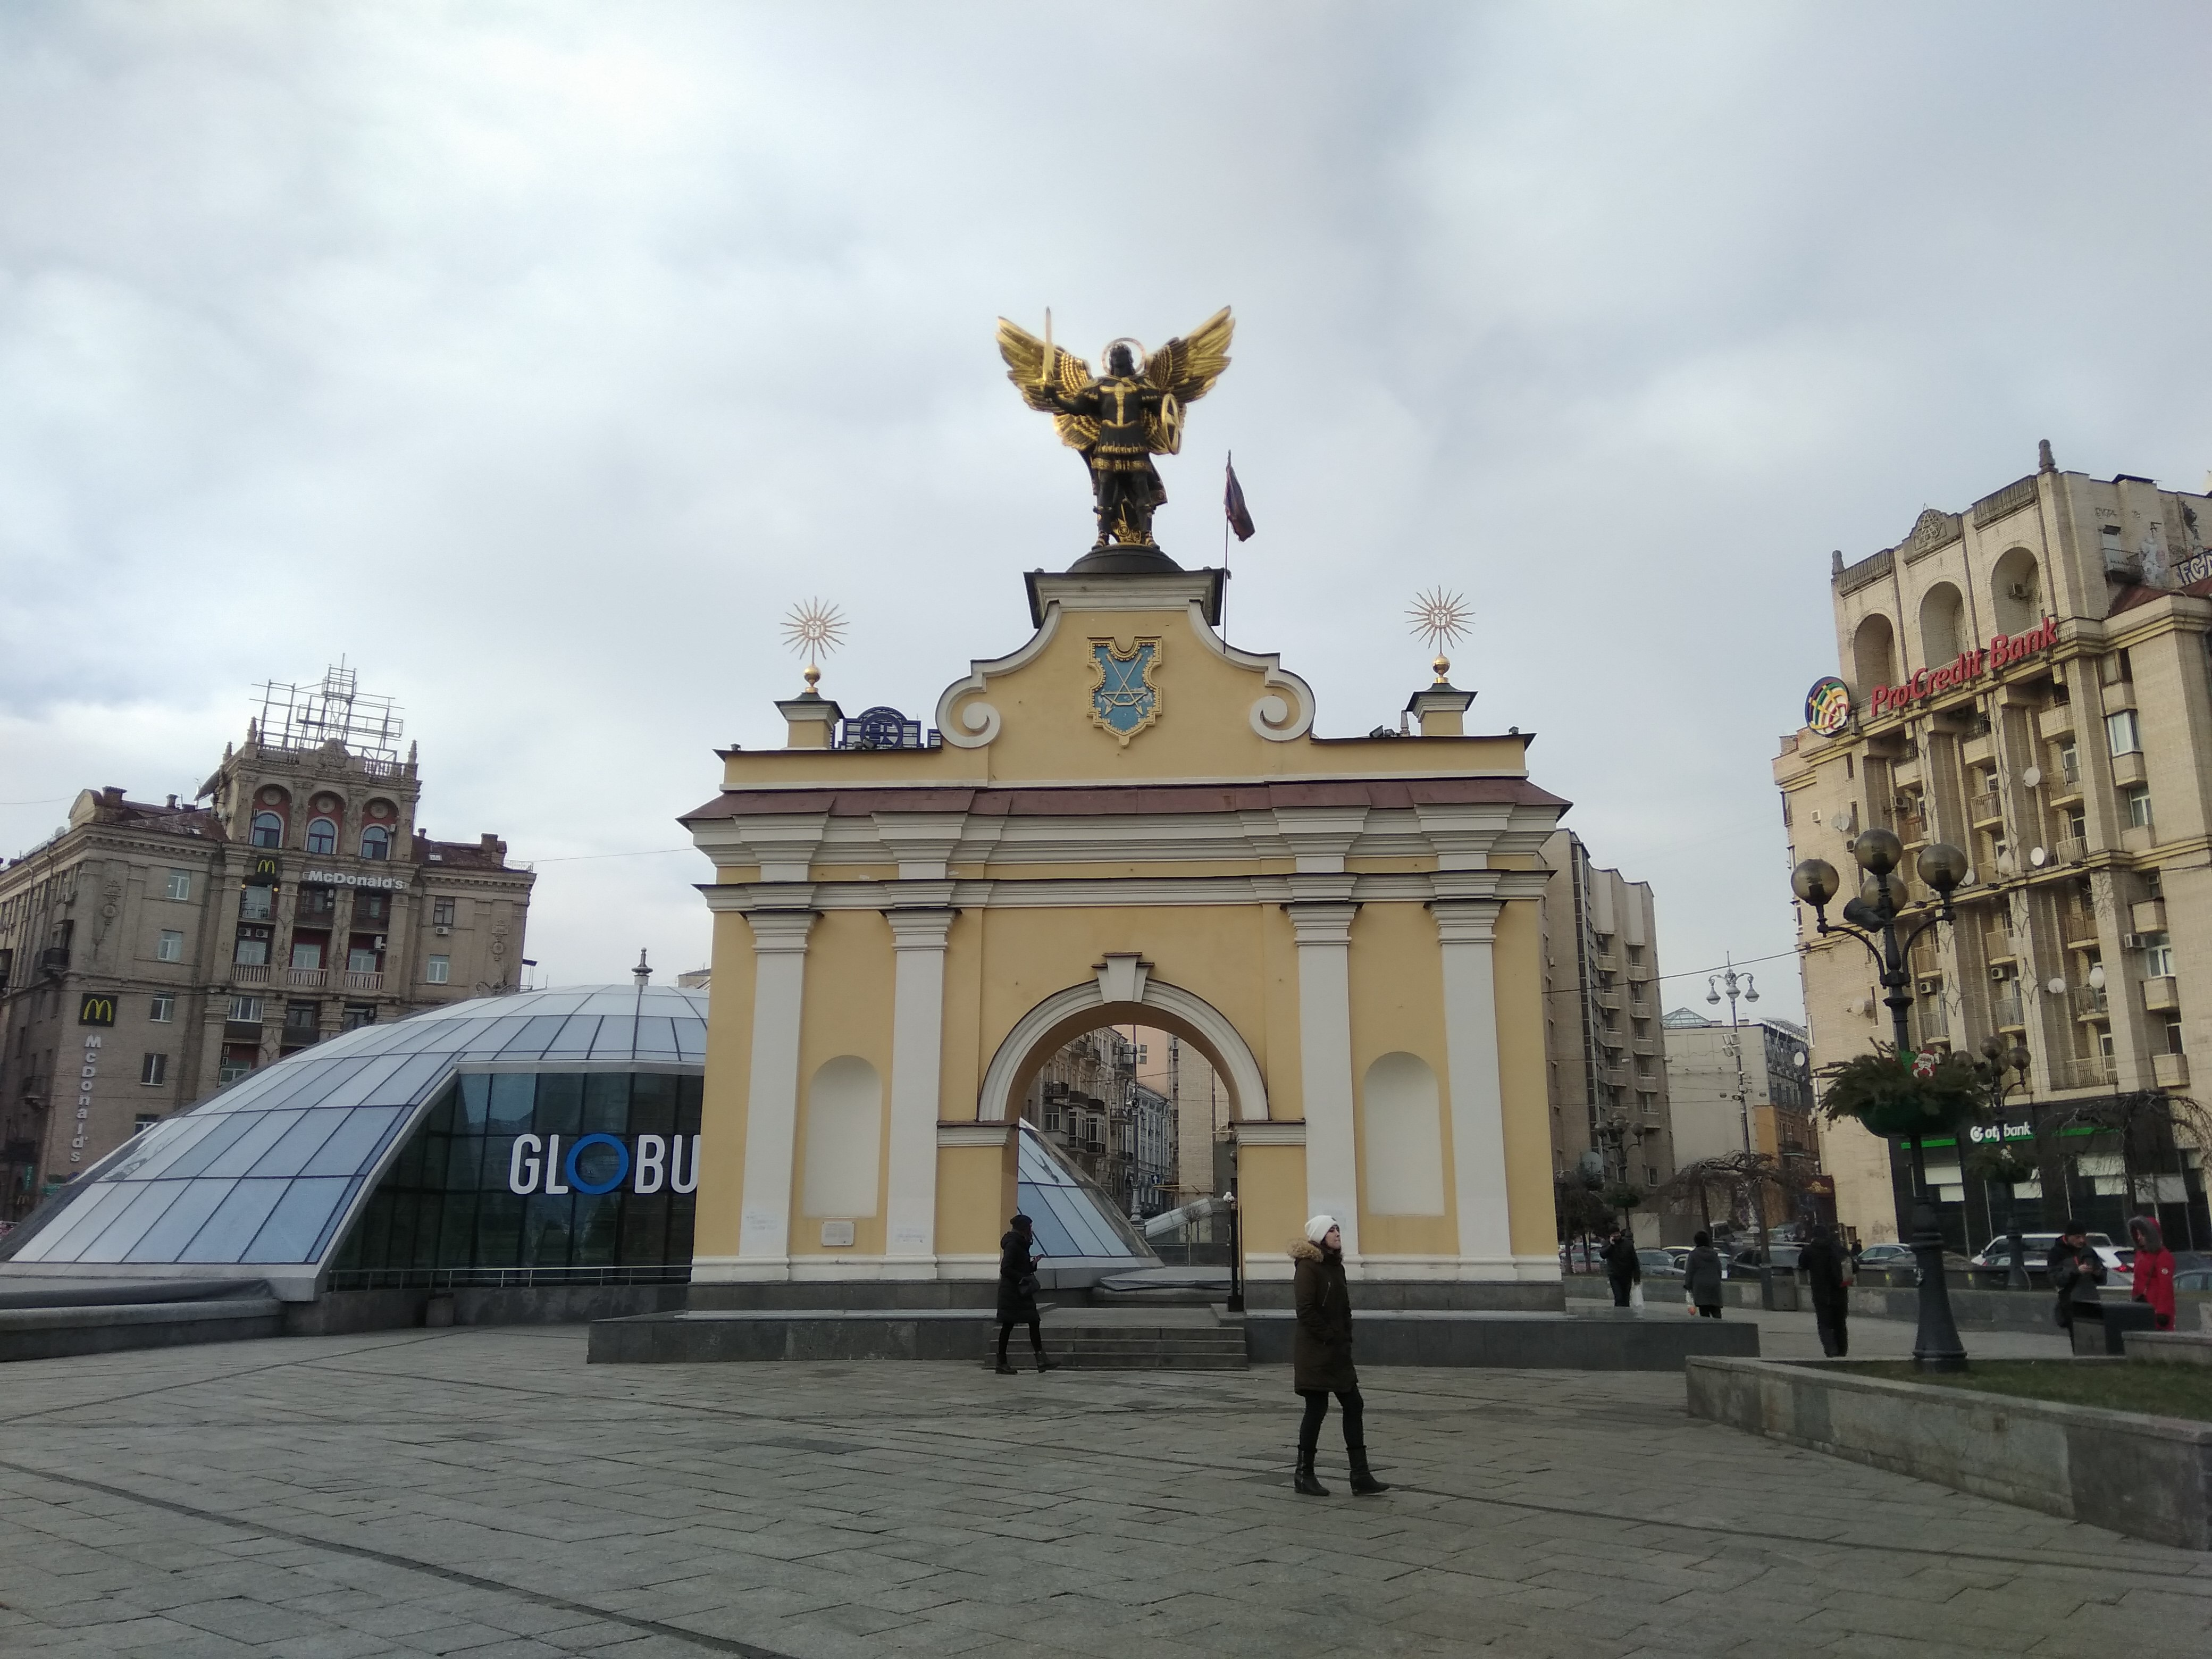 Гідність української держави, громадянина і суспільства